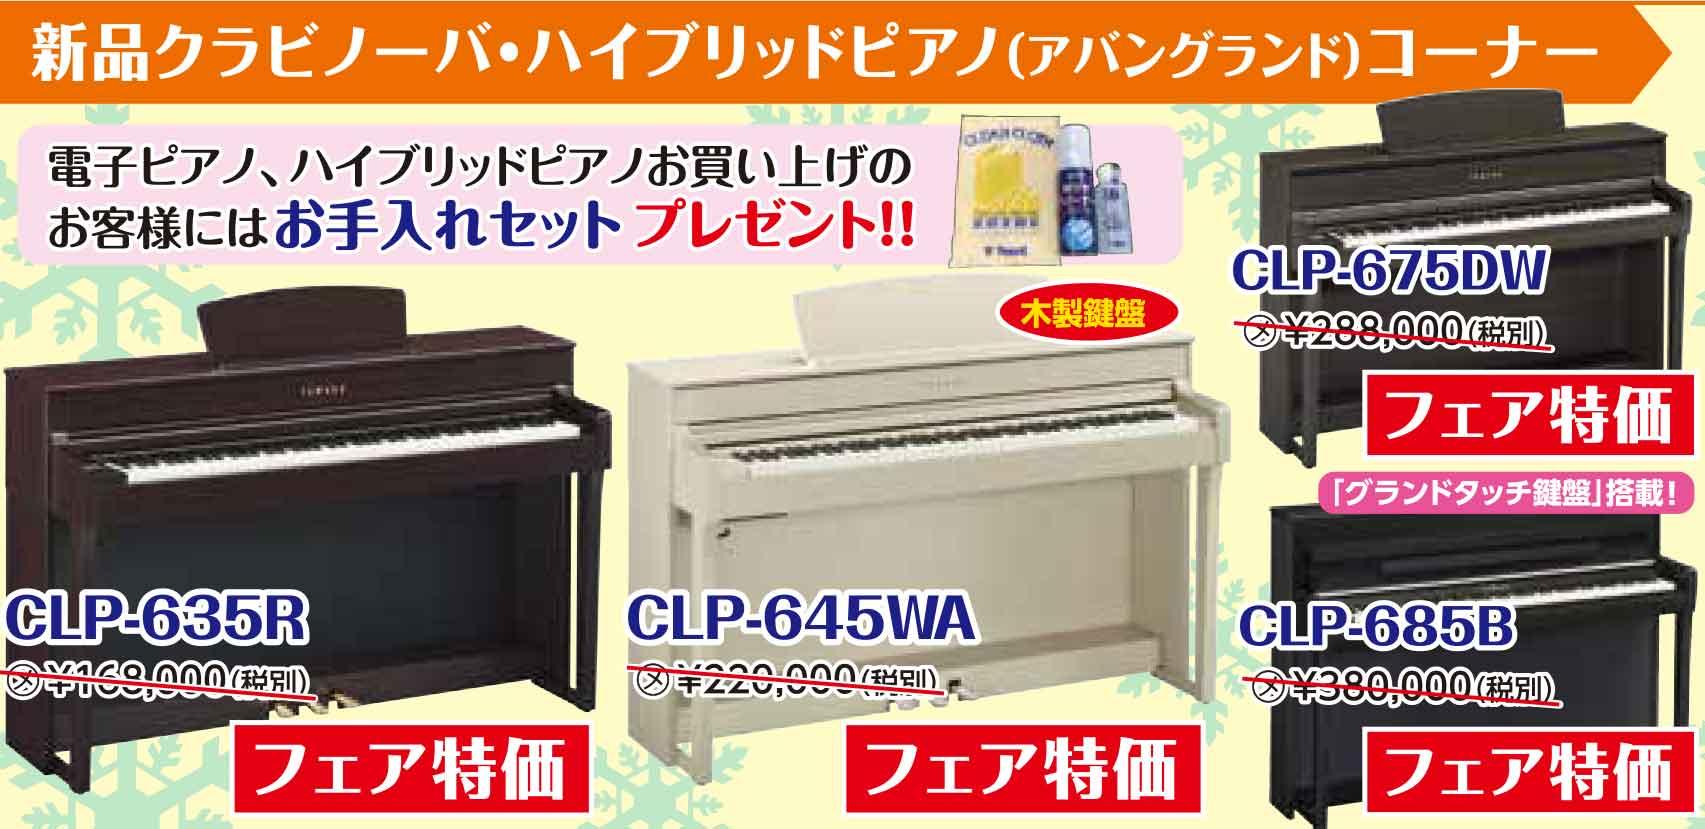 新品クラビノーバ・ハイブリッドピアノ